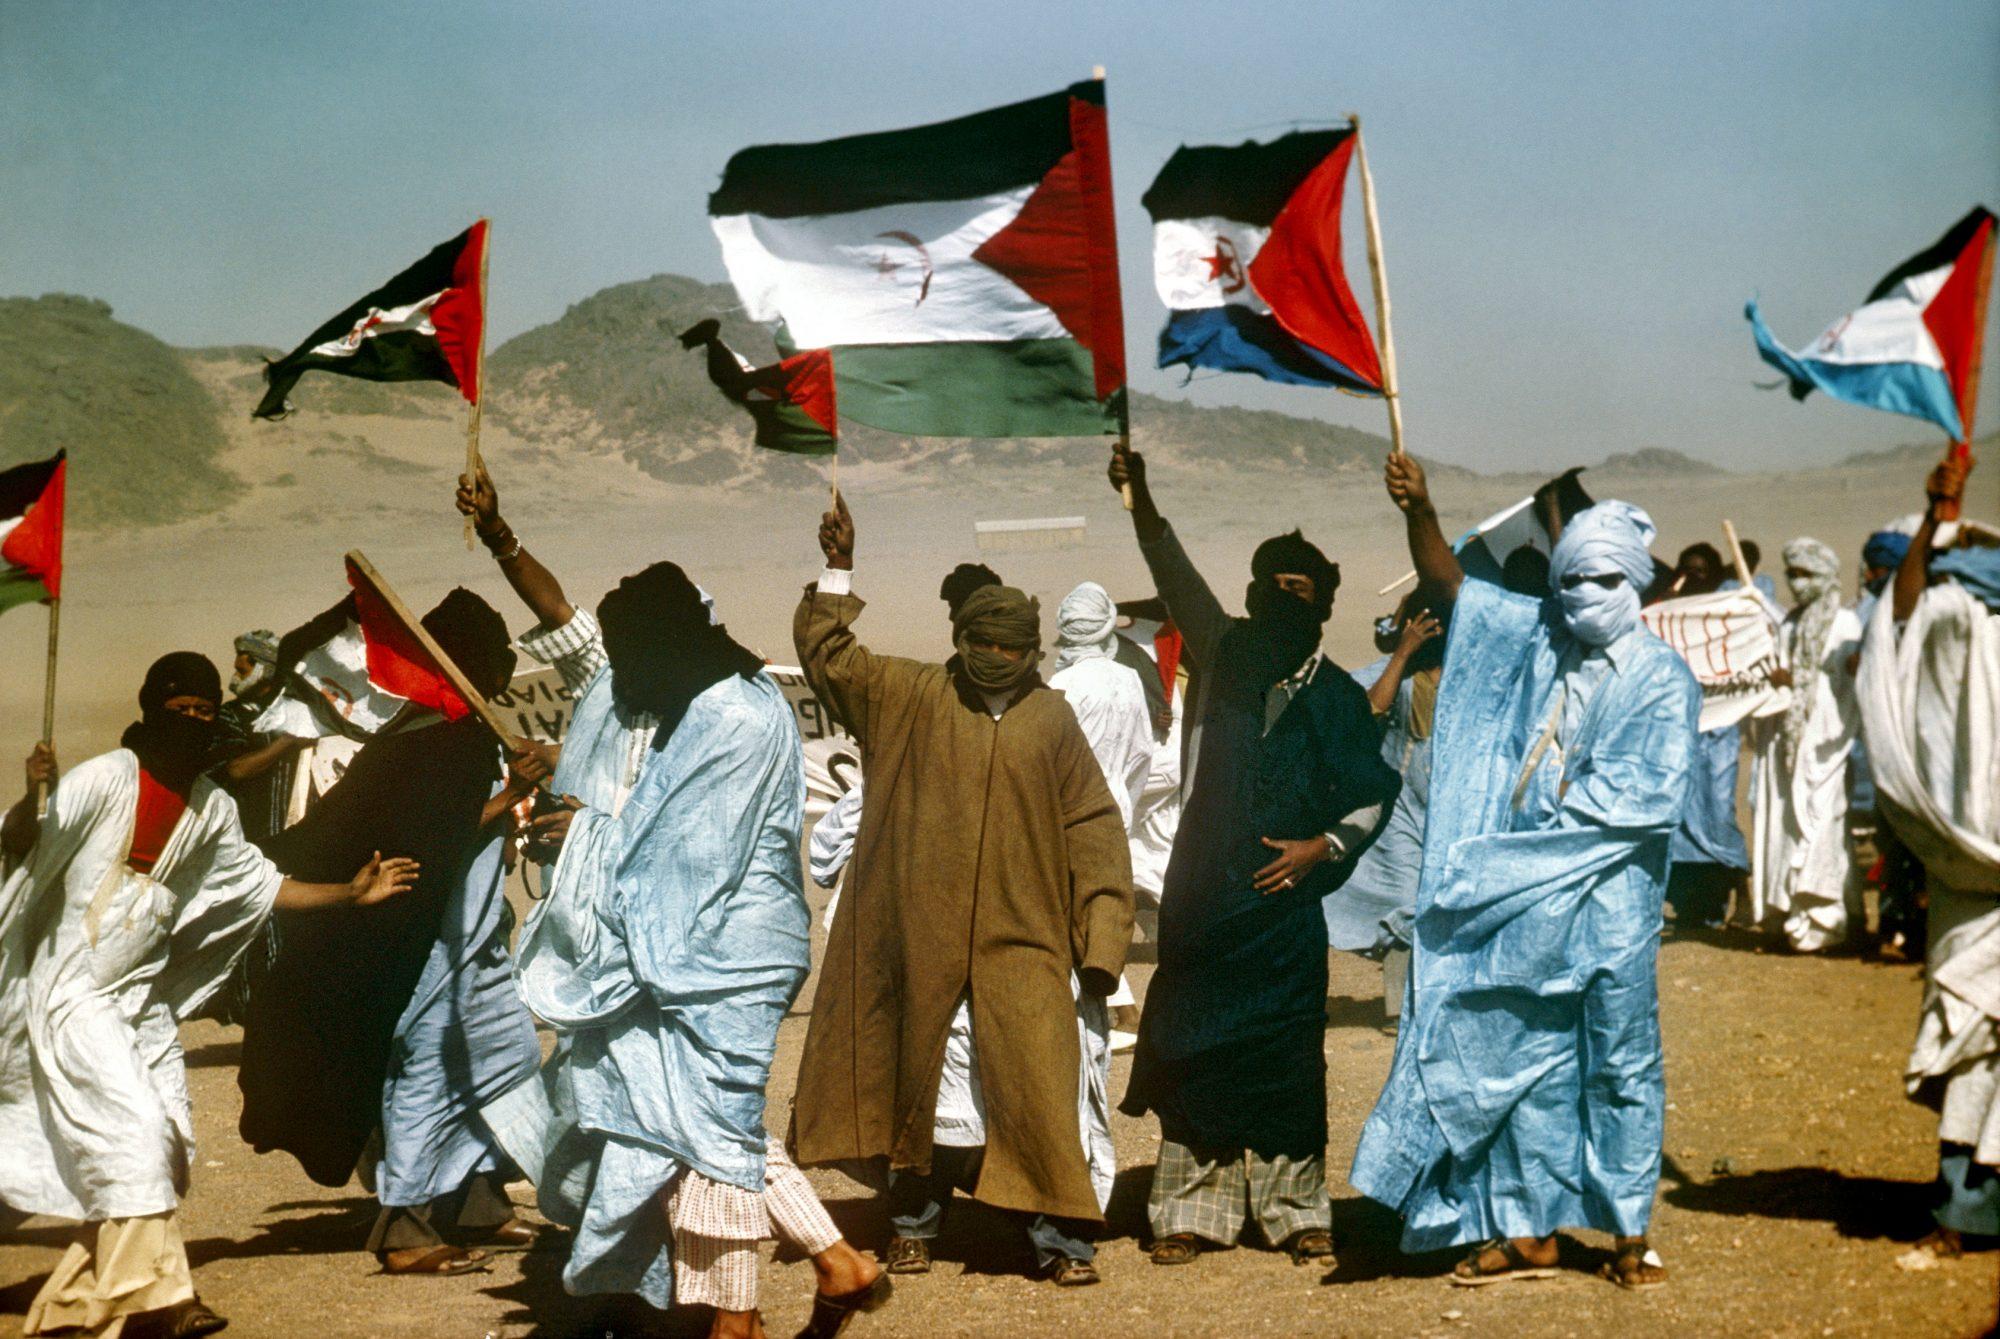 Ter uma bandeira da República Árabe Sarauí Democrática é considerado um crime nos territórios ocupados, assim como não saber o hino de Marrocos.